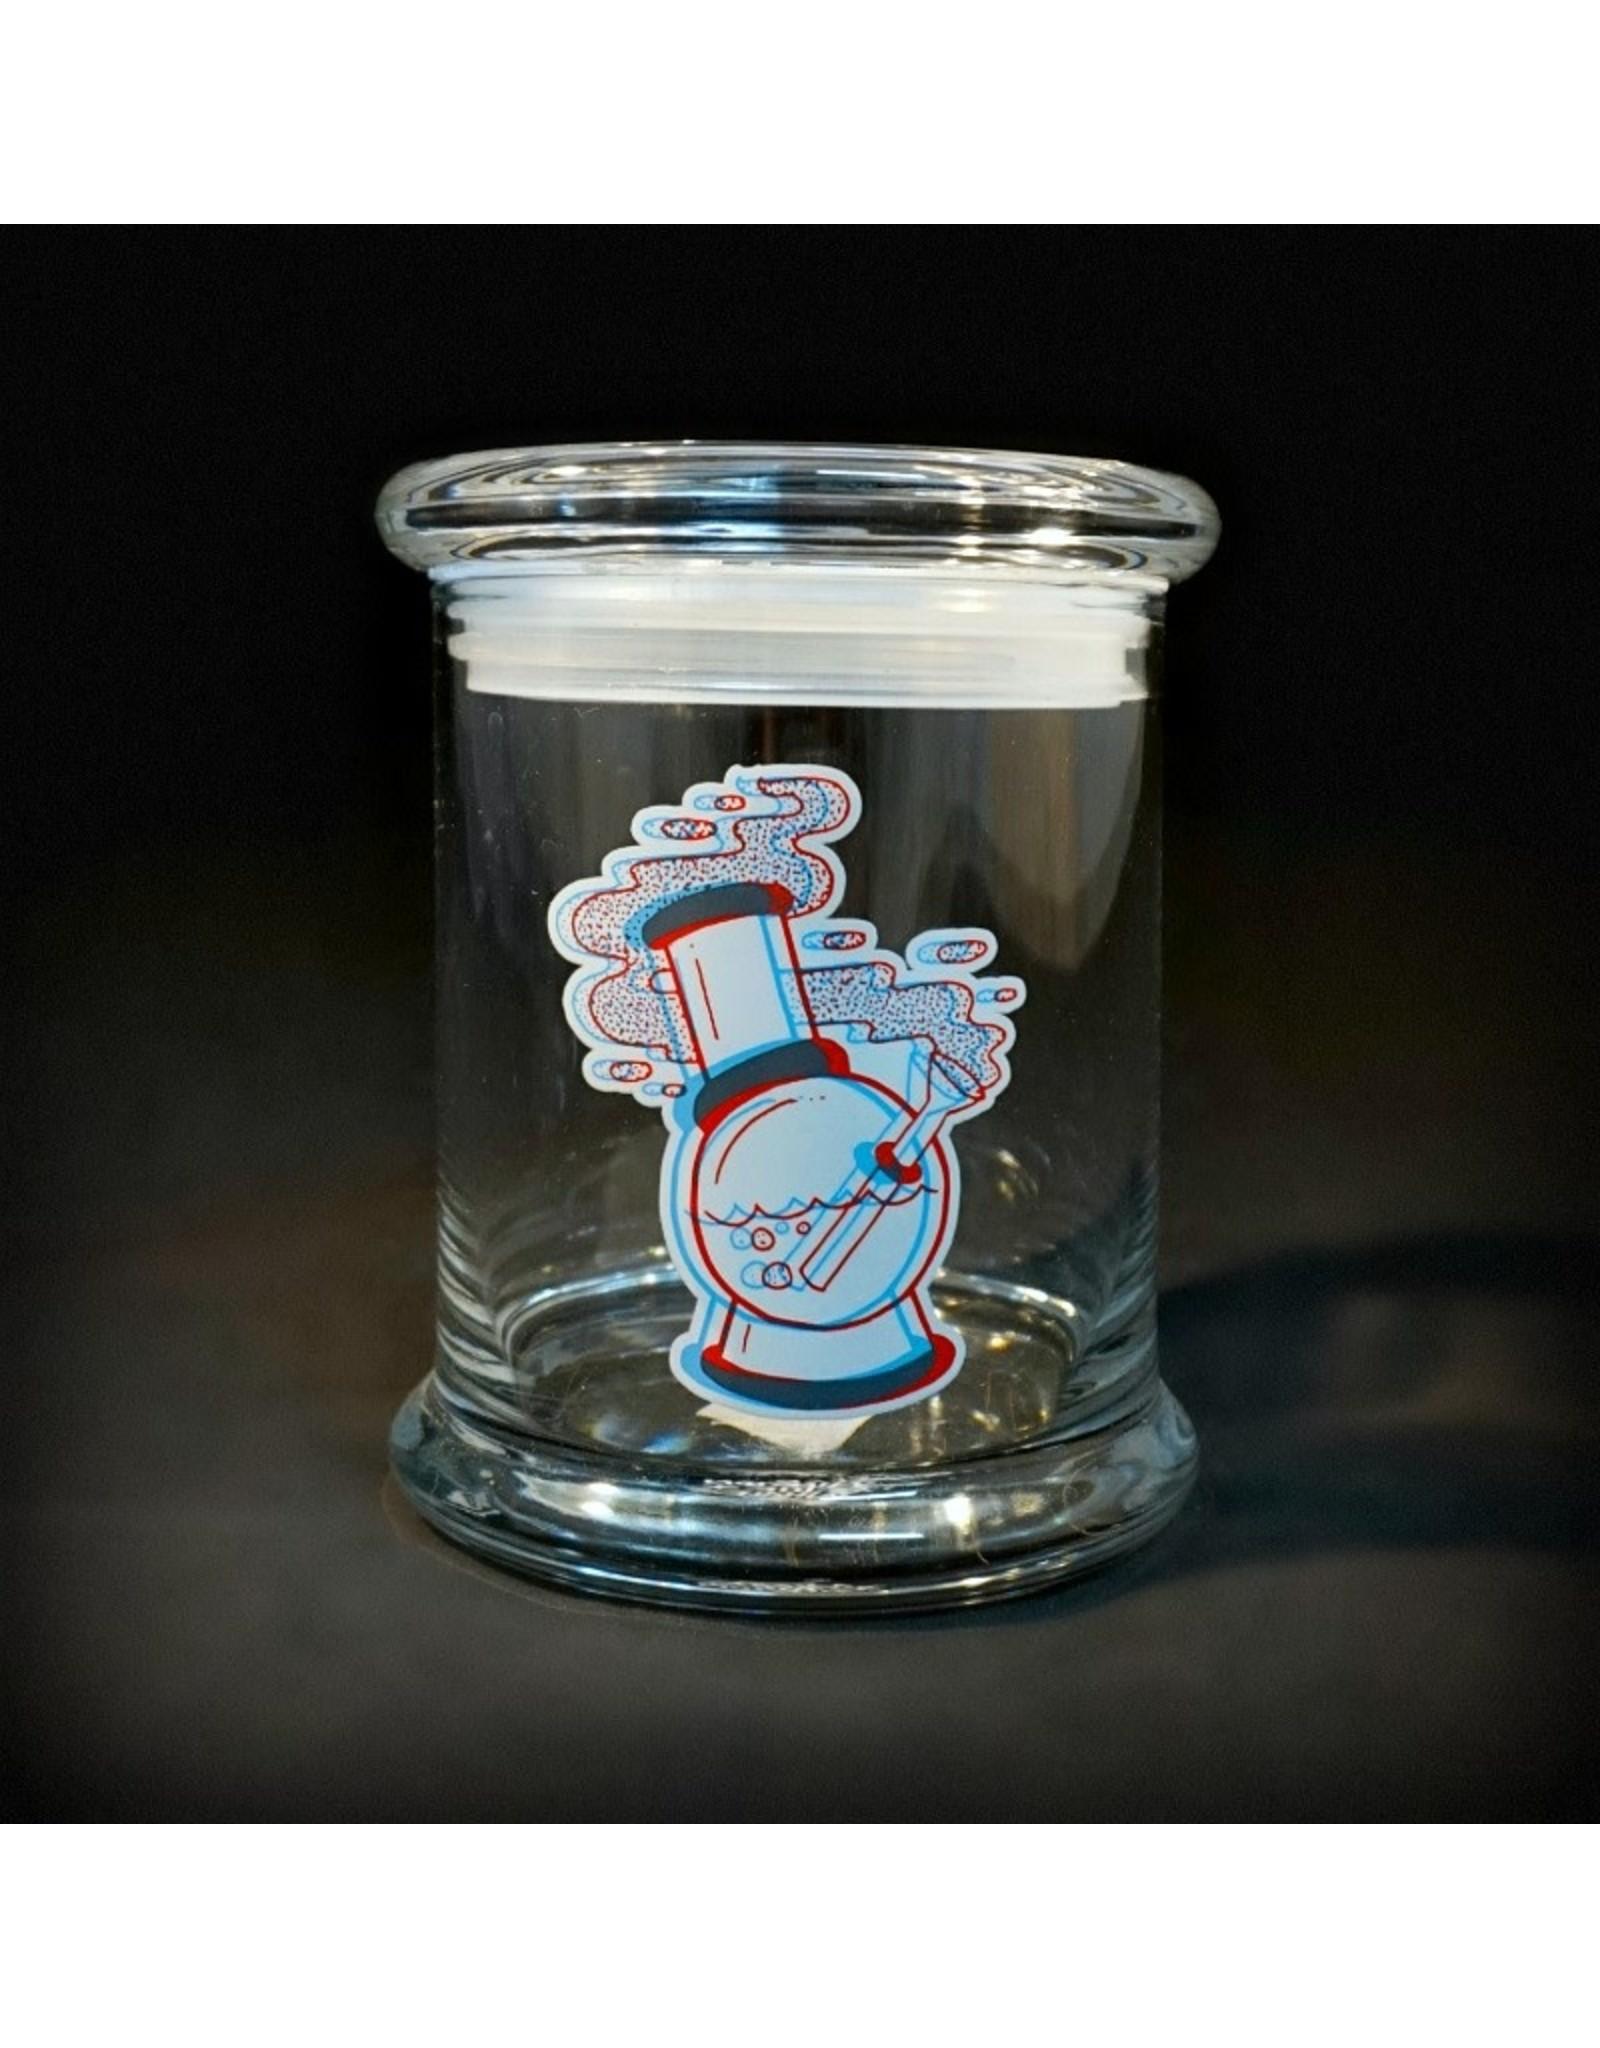 420 Science 420 Science Jars  Large 3D Waterpipe Pop Top